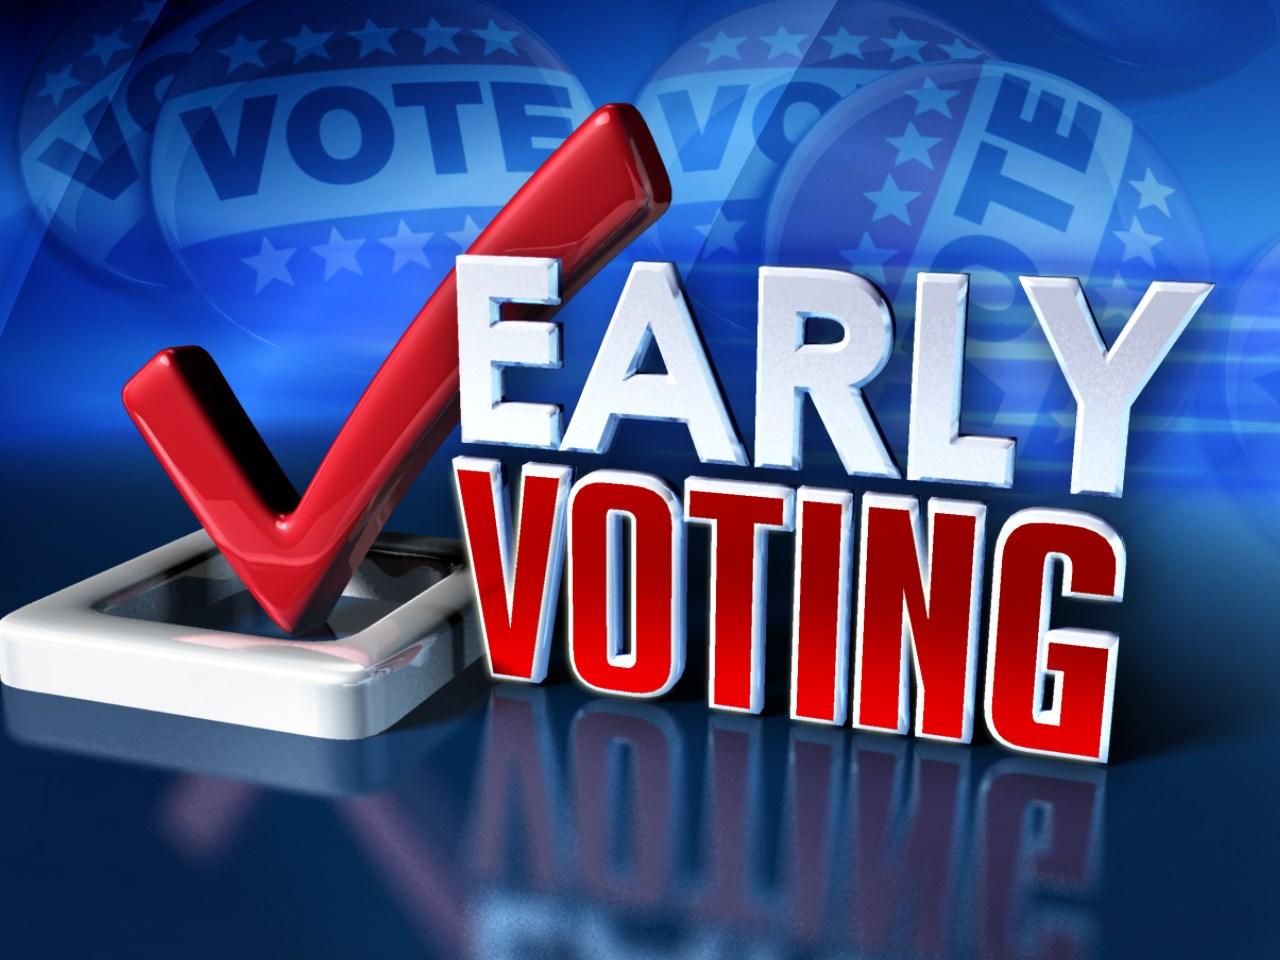 early voting_.jpg